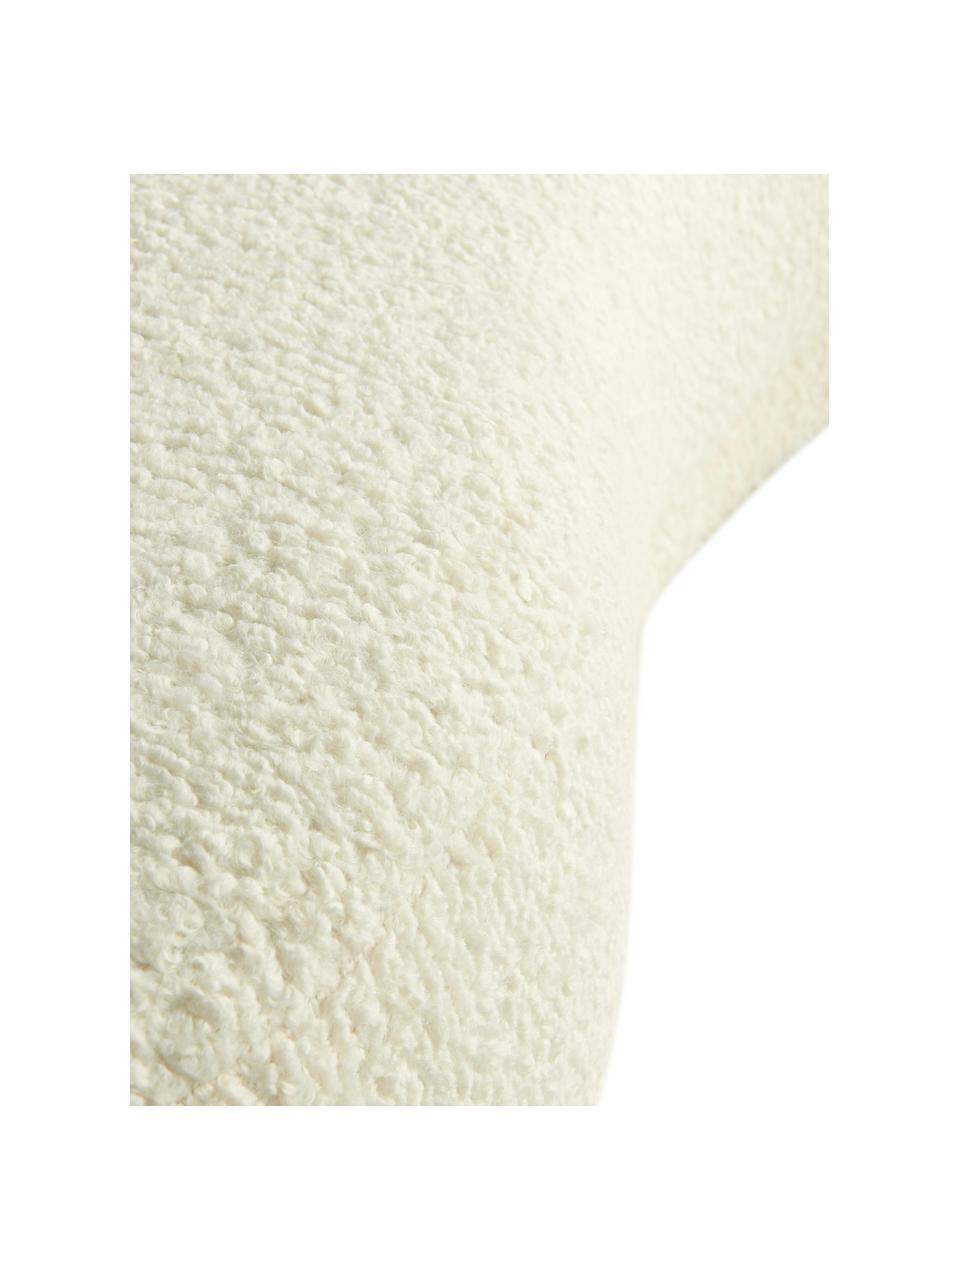 Panca in tessuto teddy bianco crema Austin, Rivestimento: poliestere (teddy), Struttura: legno di pino, Peluche bianco crema, Larg. 160 x Alt. 36 cm